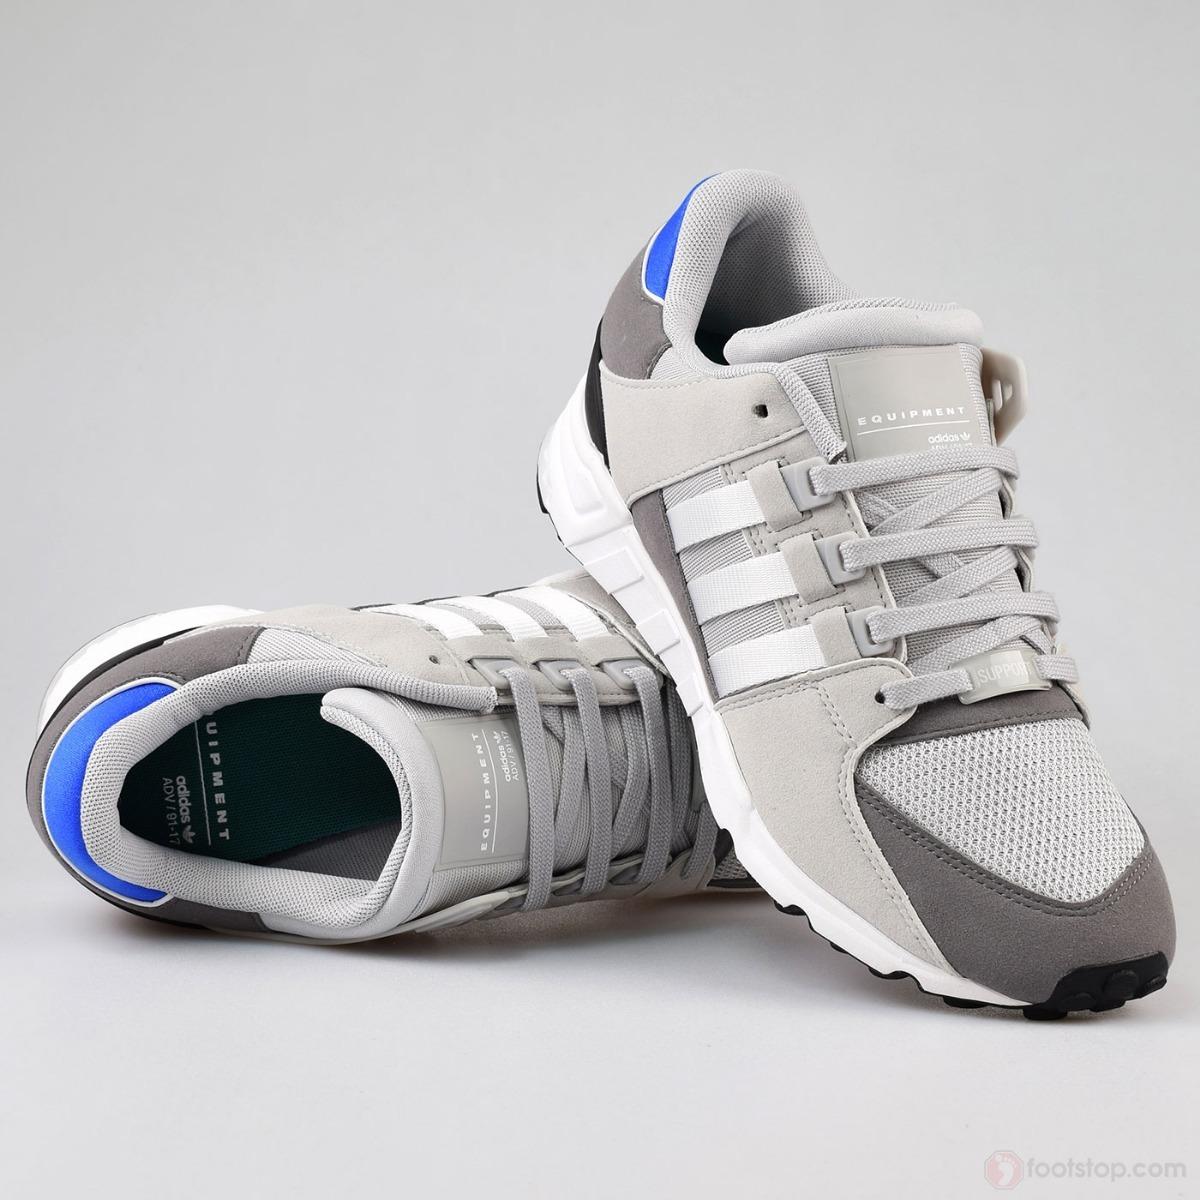 reputable site 608f0 2d55e tenis adidas eqt support rf hombre deporte gym casual. Cargando zoom.